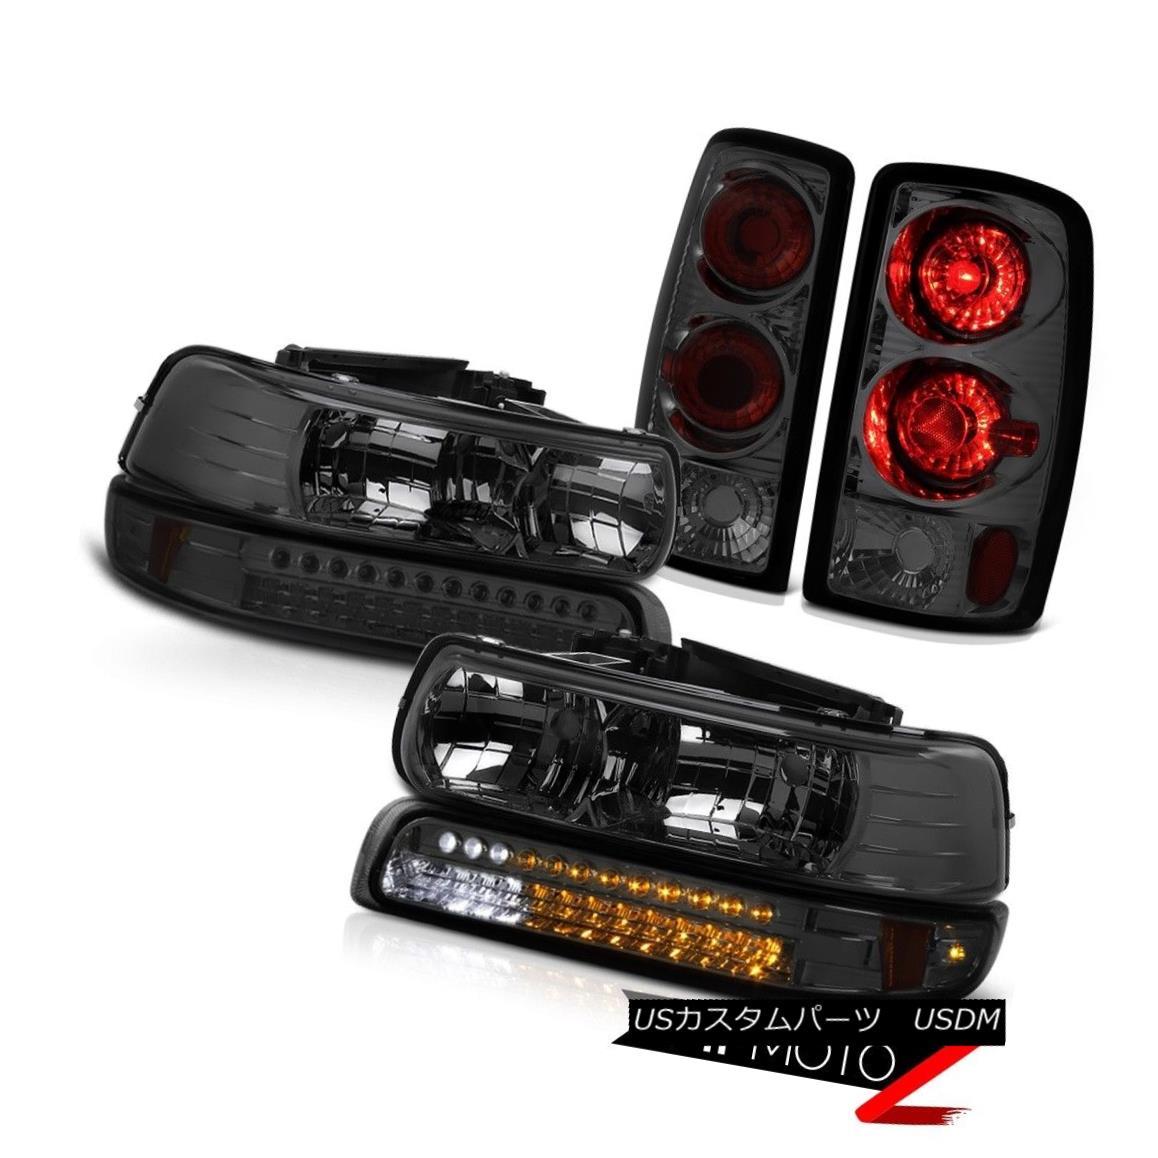 ヘッドライト 2000-2006 Chevy Tahoe Smoke Headlights LEFT RIGHT LED Turn Signal Brake Taillamp 2000-2006シボレー・タホ煙のヘッドライトLEFT RIGHT LEDターン・シグナル・ブレーキ・タイルランプ